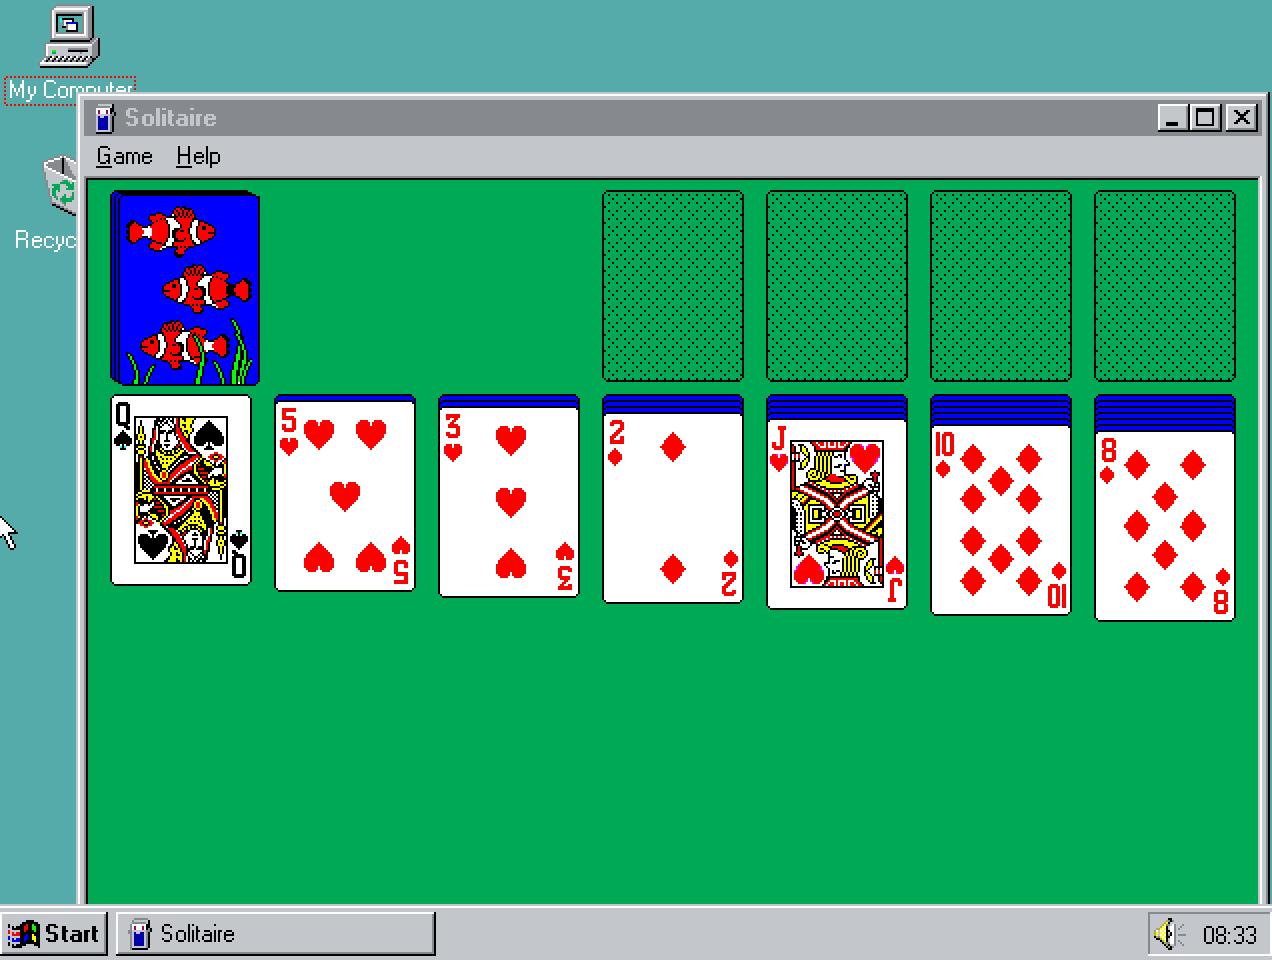 Resultado de imagen para solitaire windows 95